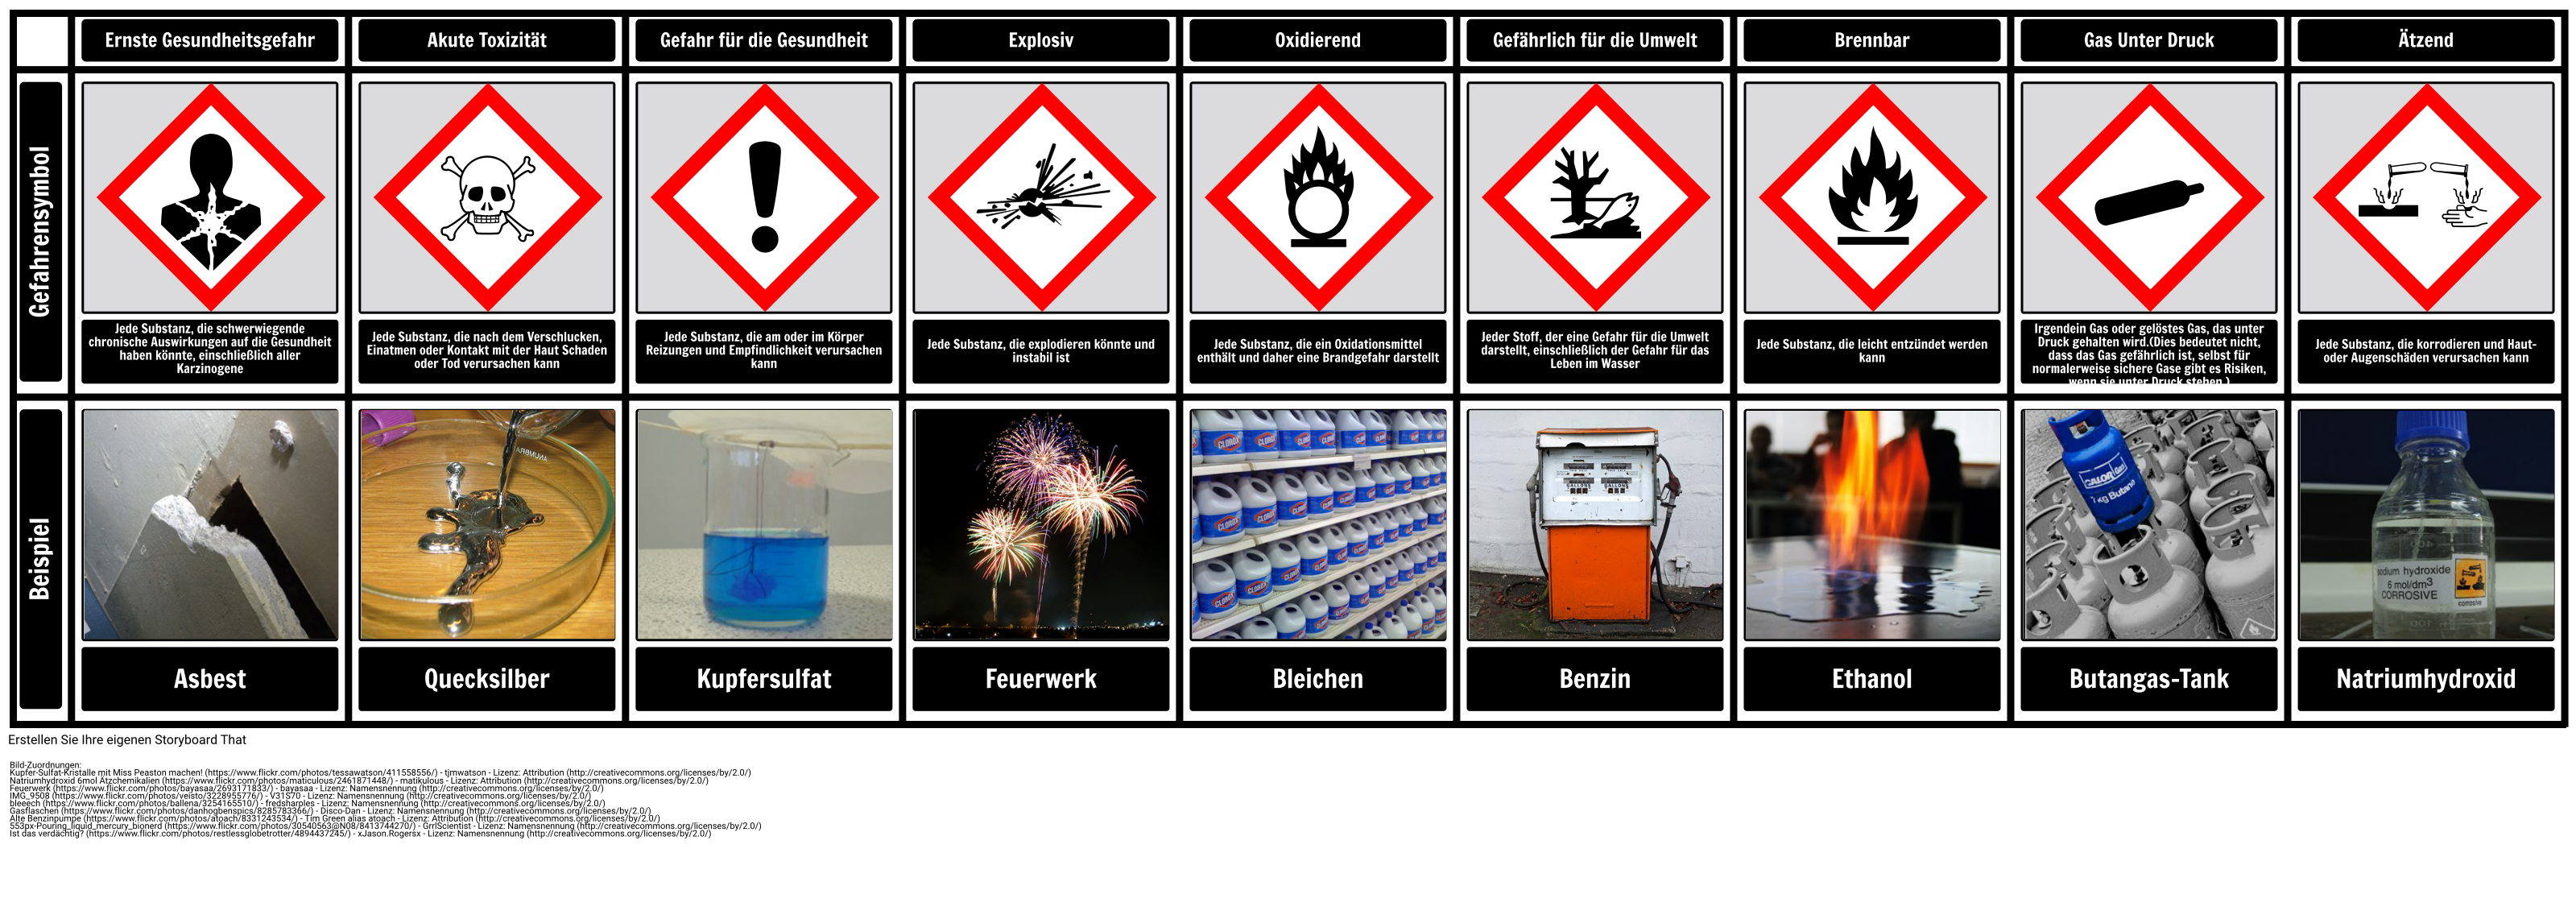 Gefahrensymbole Diagramm